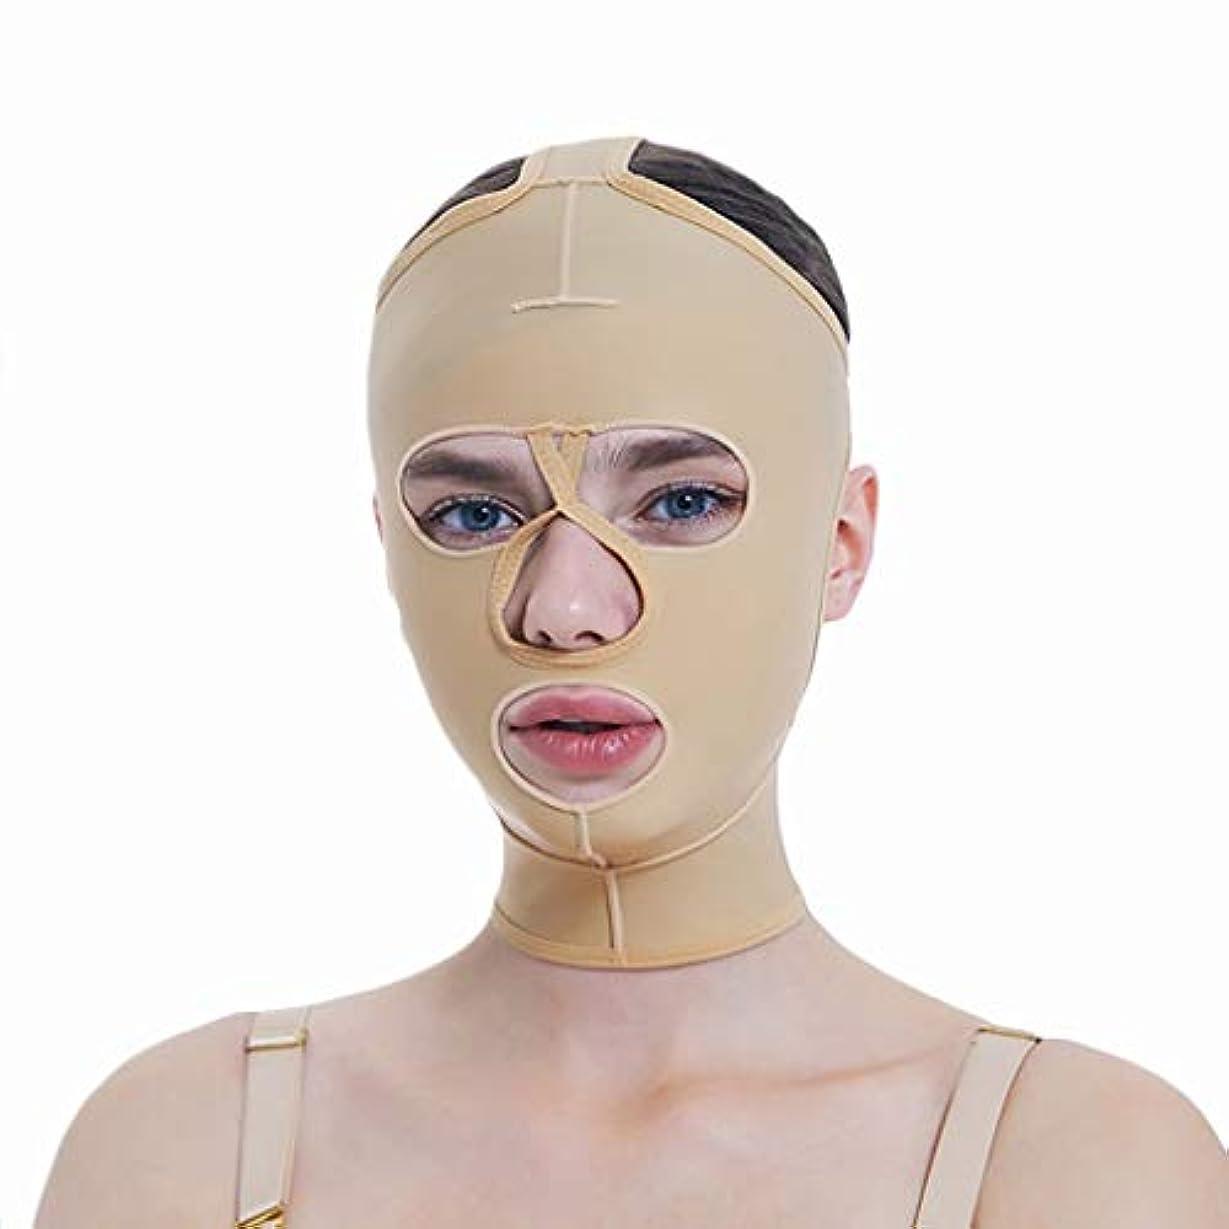 スピリチュアル閉塞後退する顔の減量マスク、フルカバレッジ包帯、フルフェイスリフティングマスク、フェイスマスク、快適で通気性、リフティングシェーピング (Size : XL)